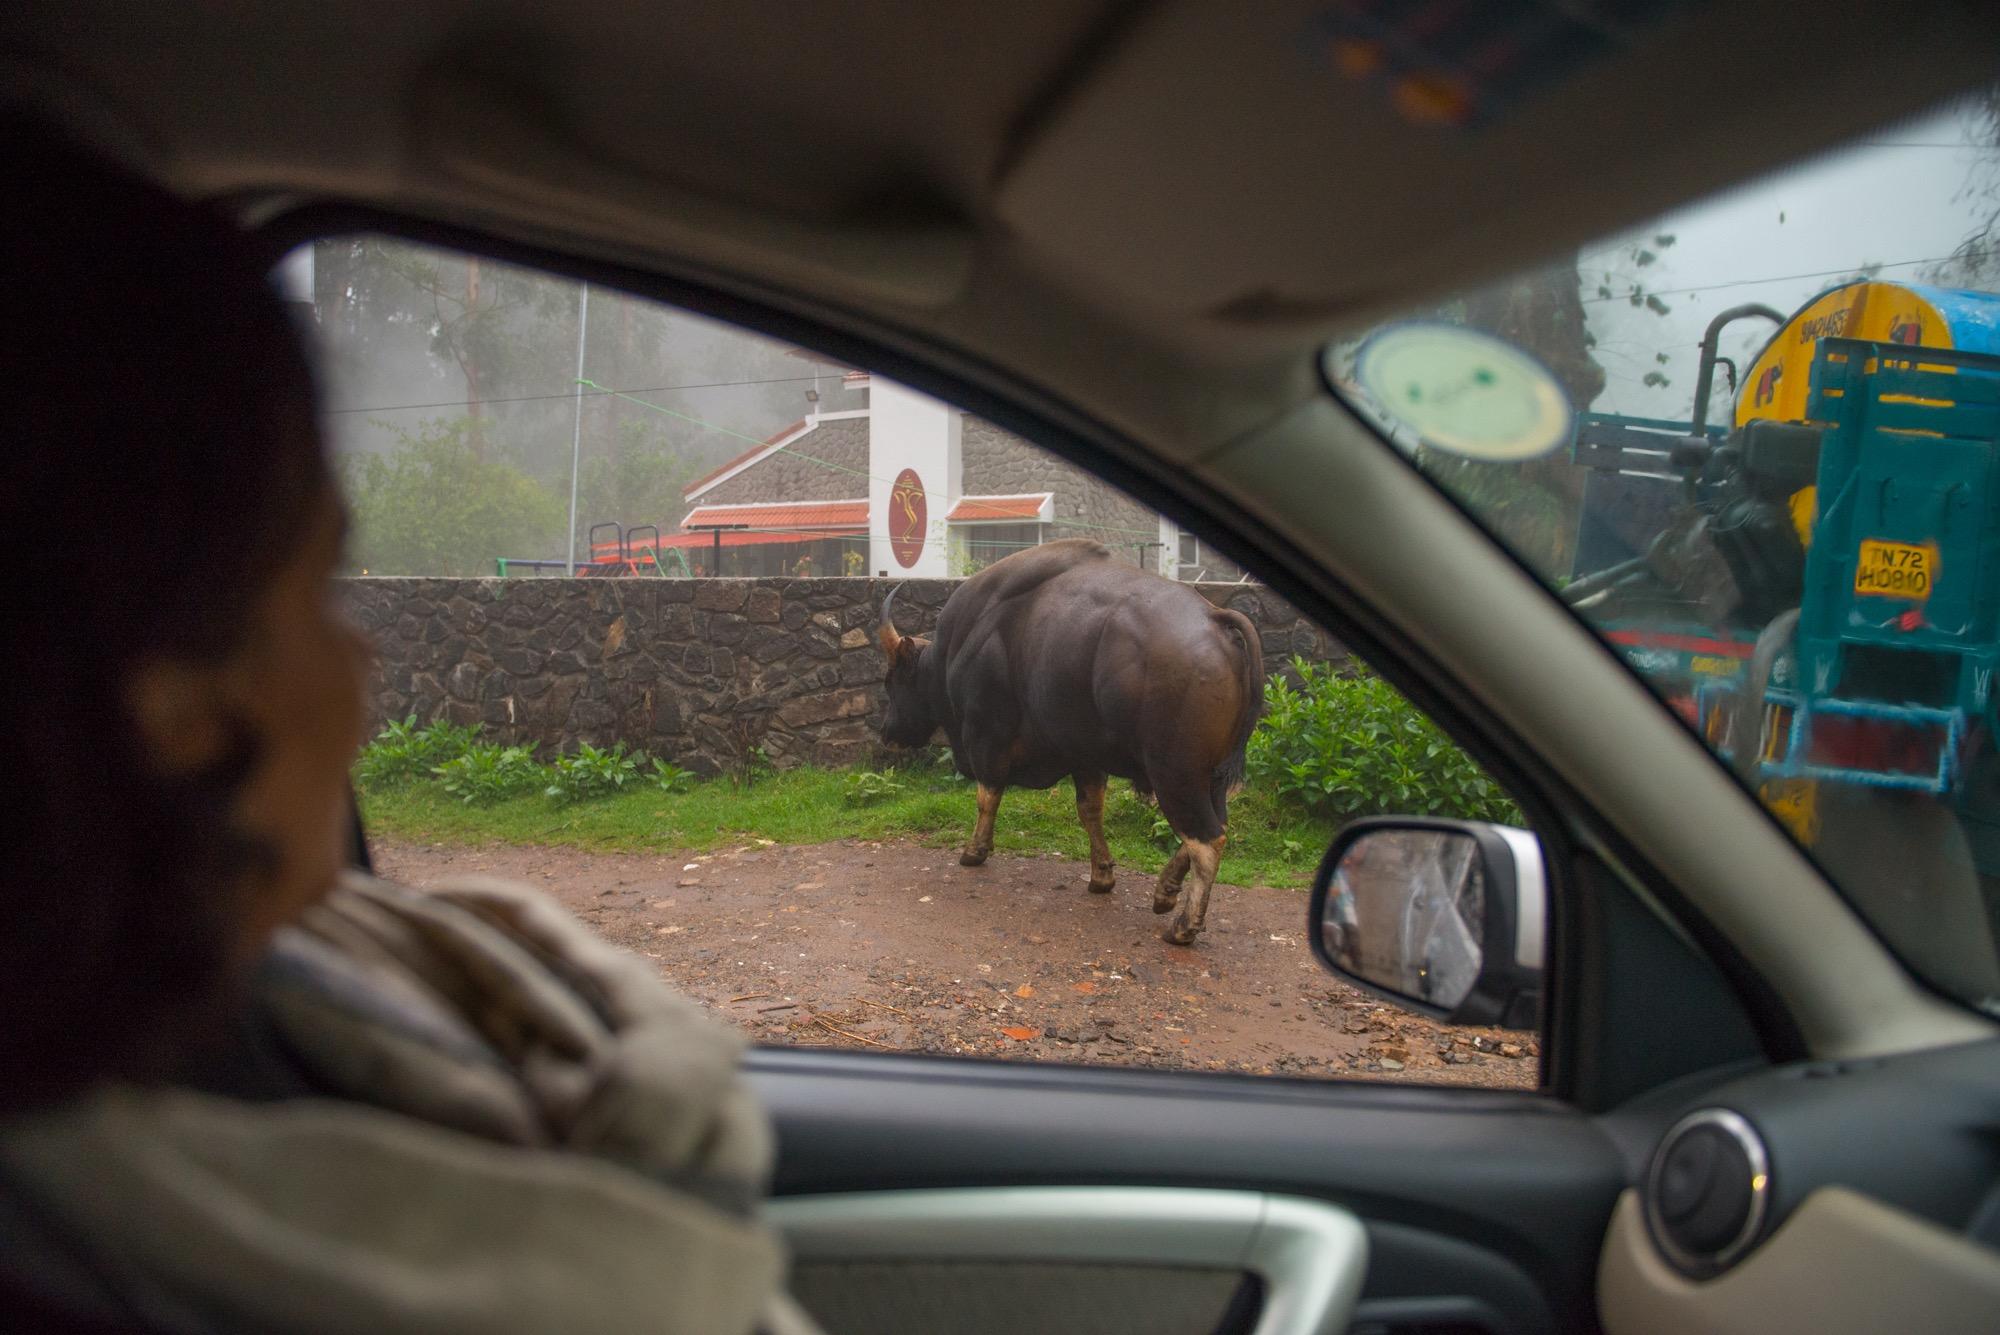 A gaur in Kodaikanal town. Credit: Prasenjeet Yadav